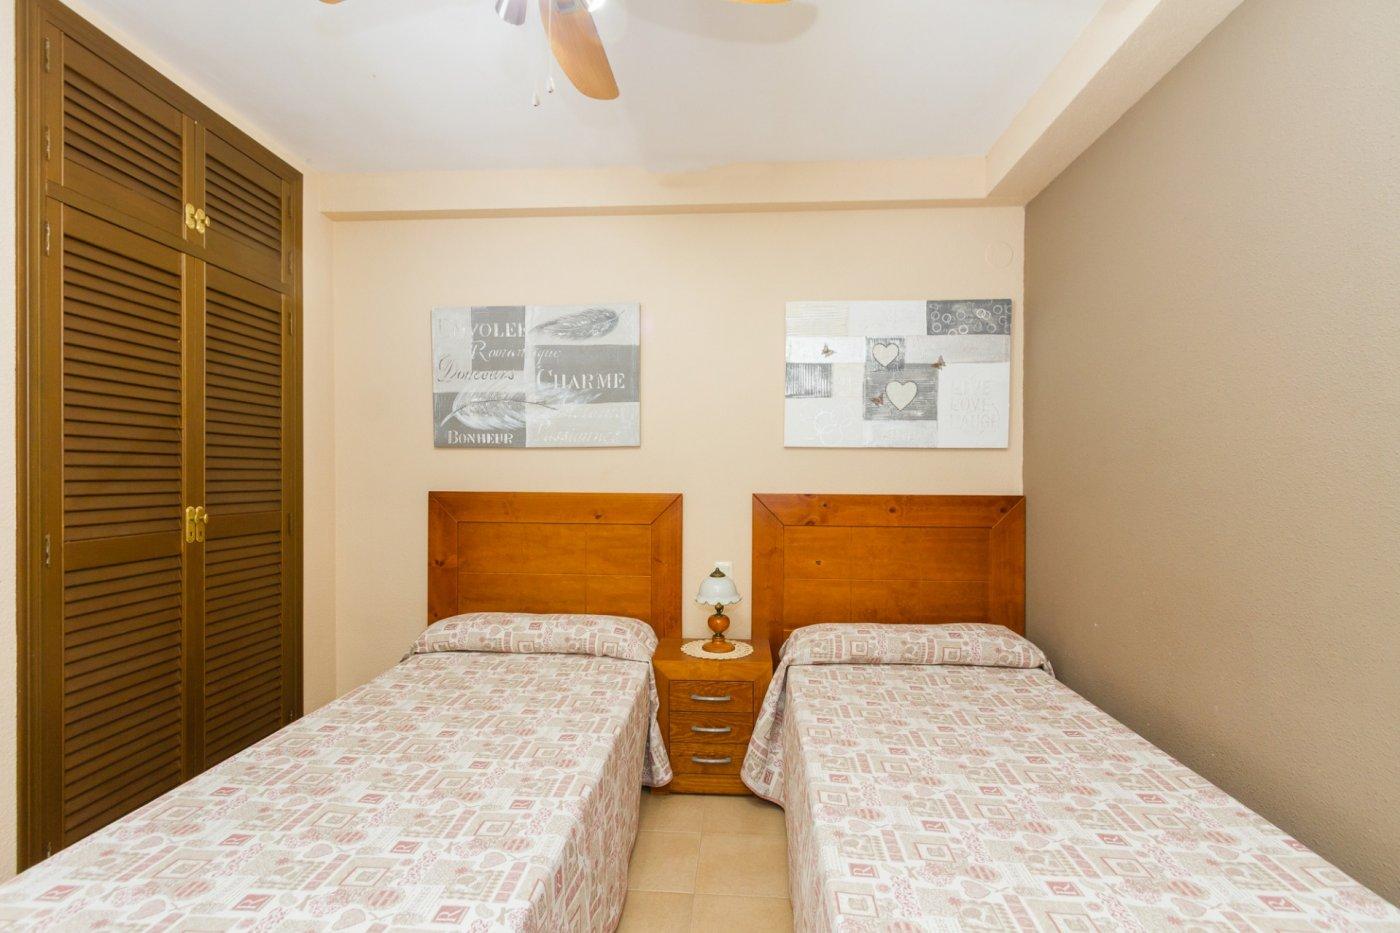 Venta de apartamento en xeraco - imagenInmueble18